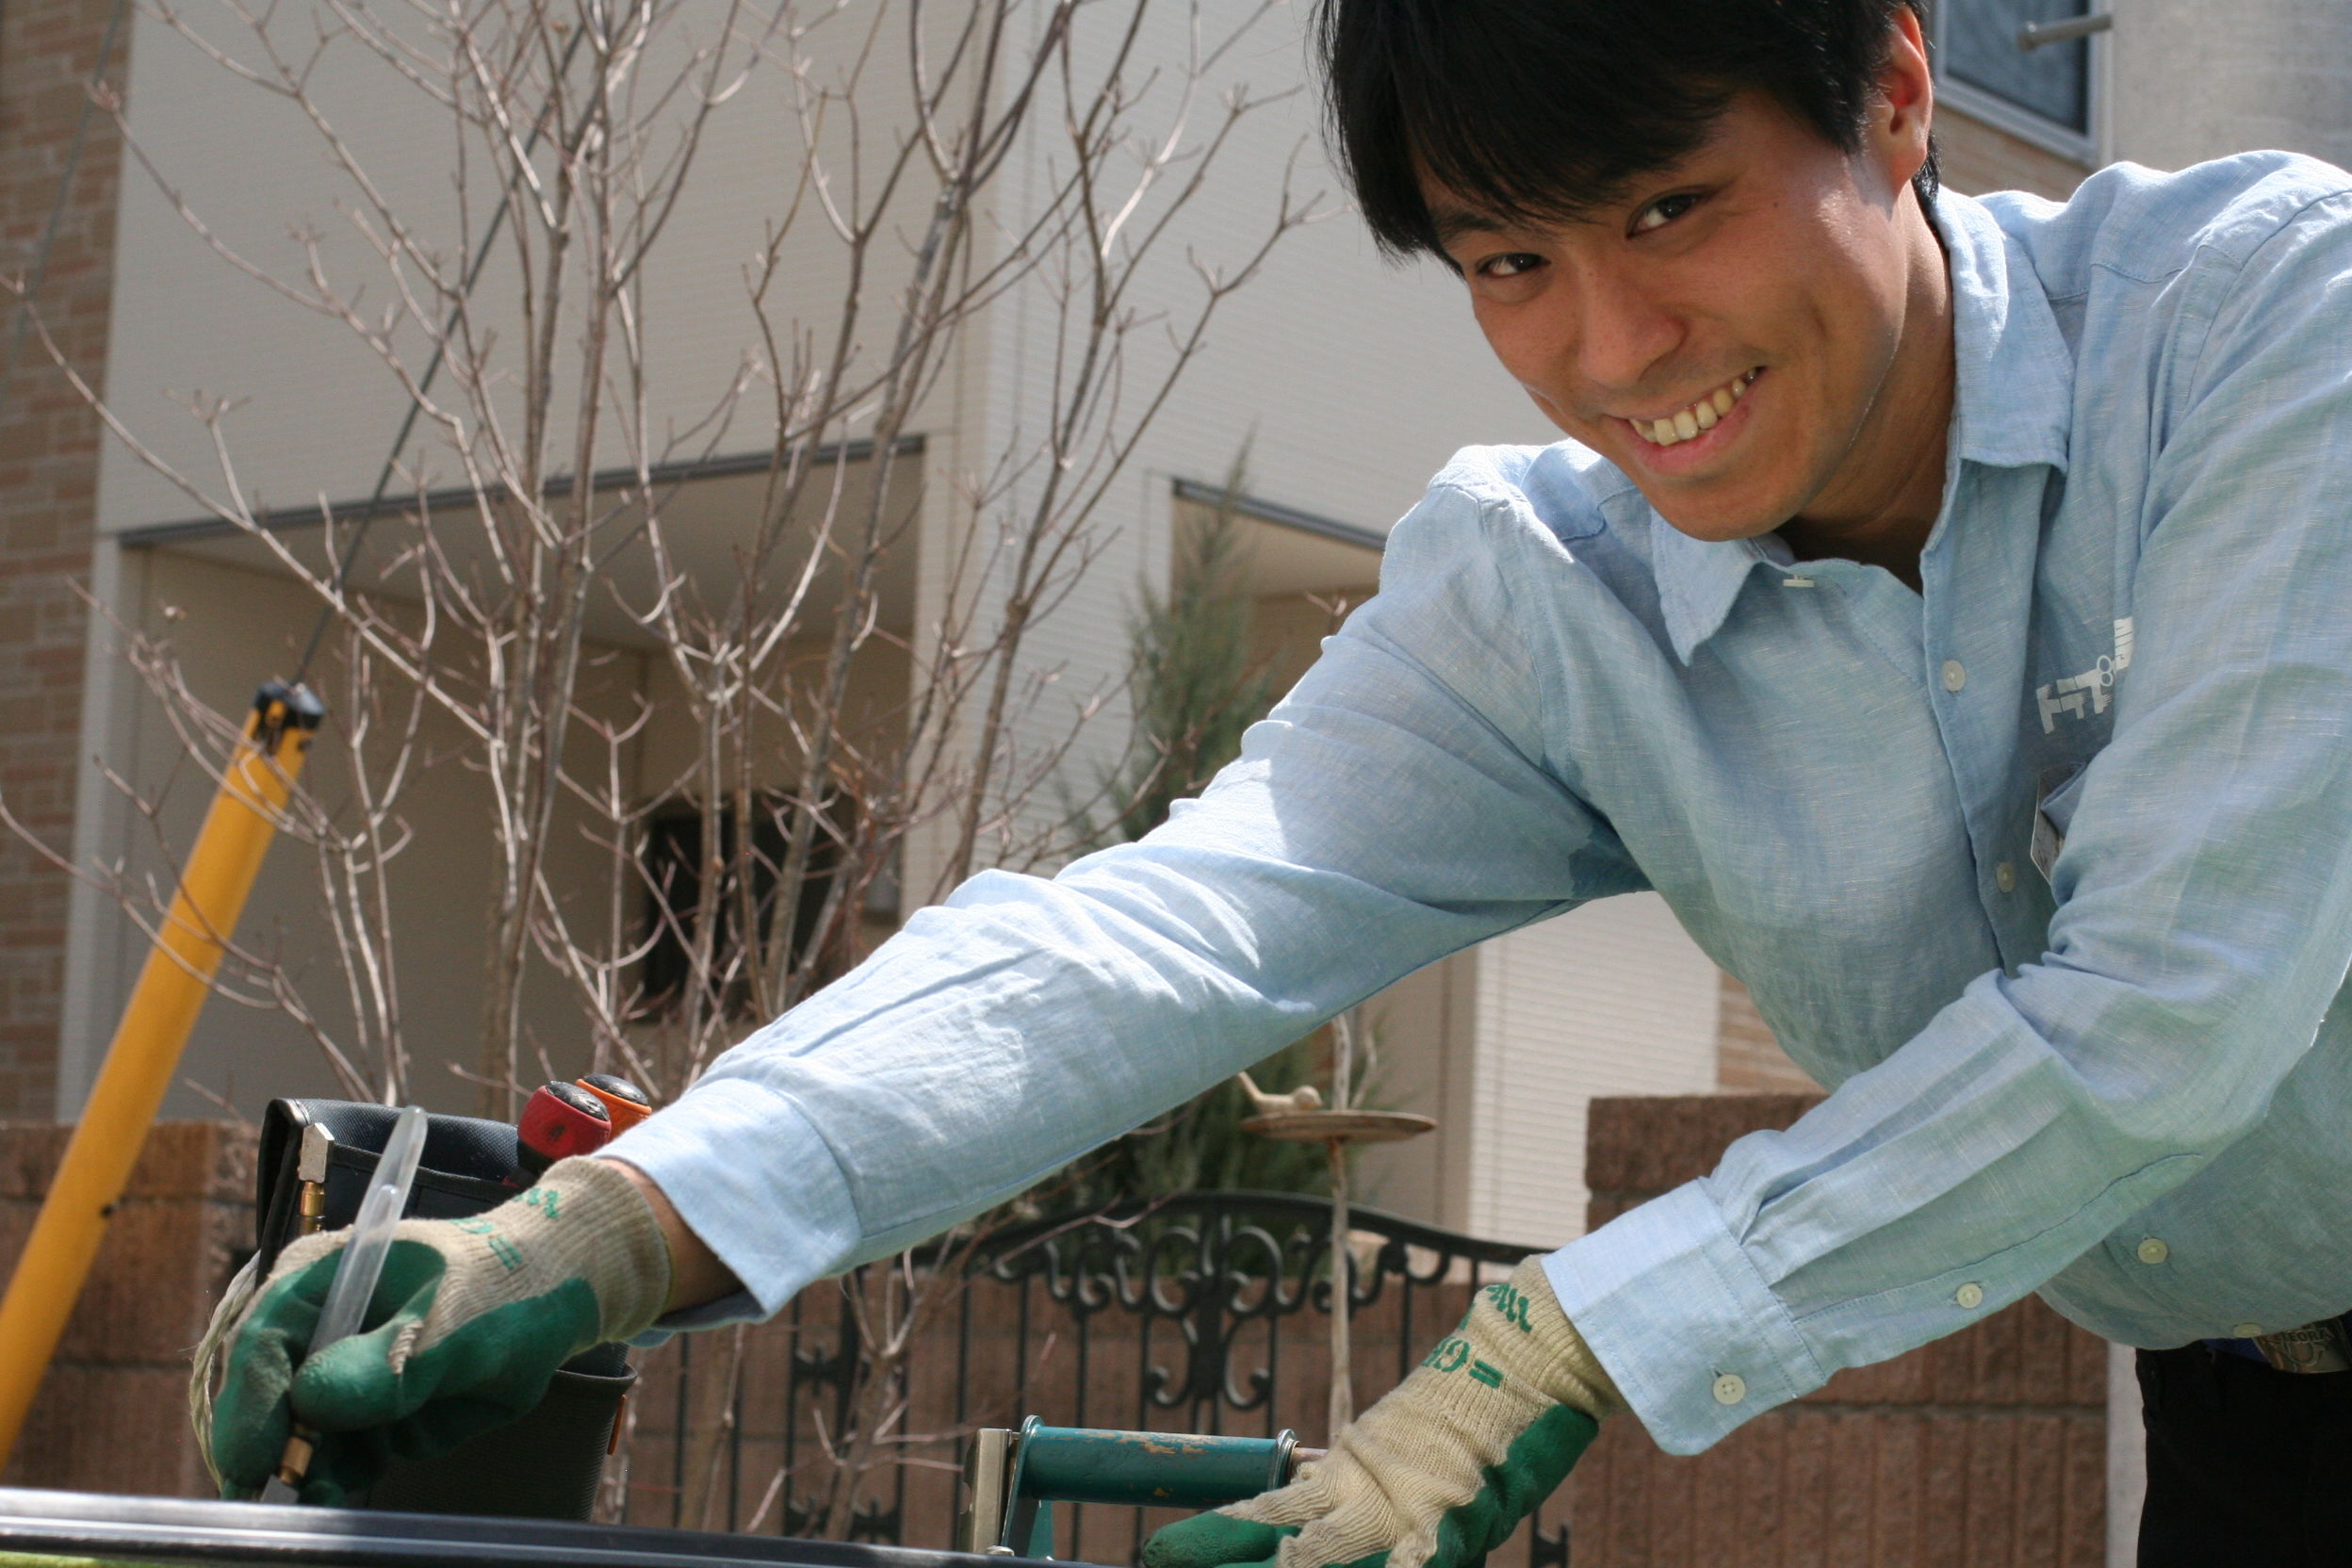 ガラスのトラブル救Q隊.24【大阪市中央区 出張エリア】のメイン画像